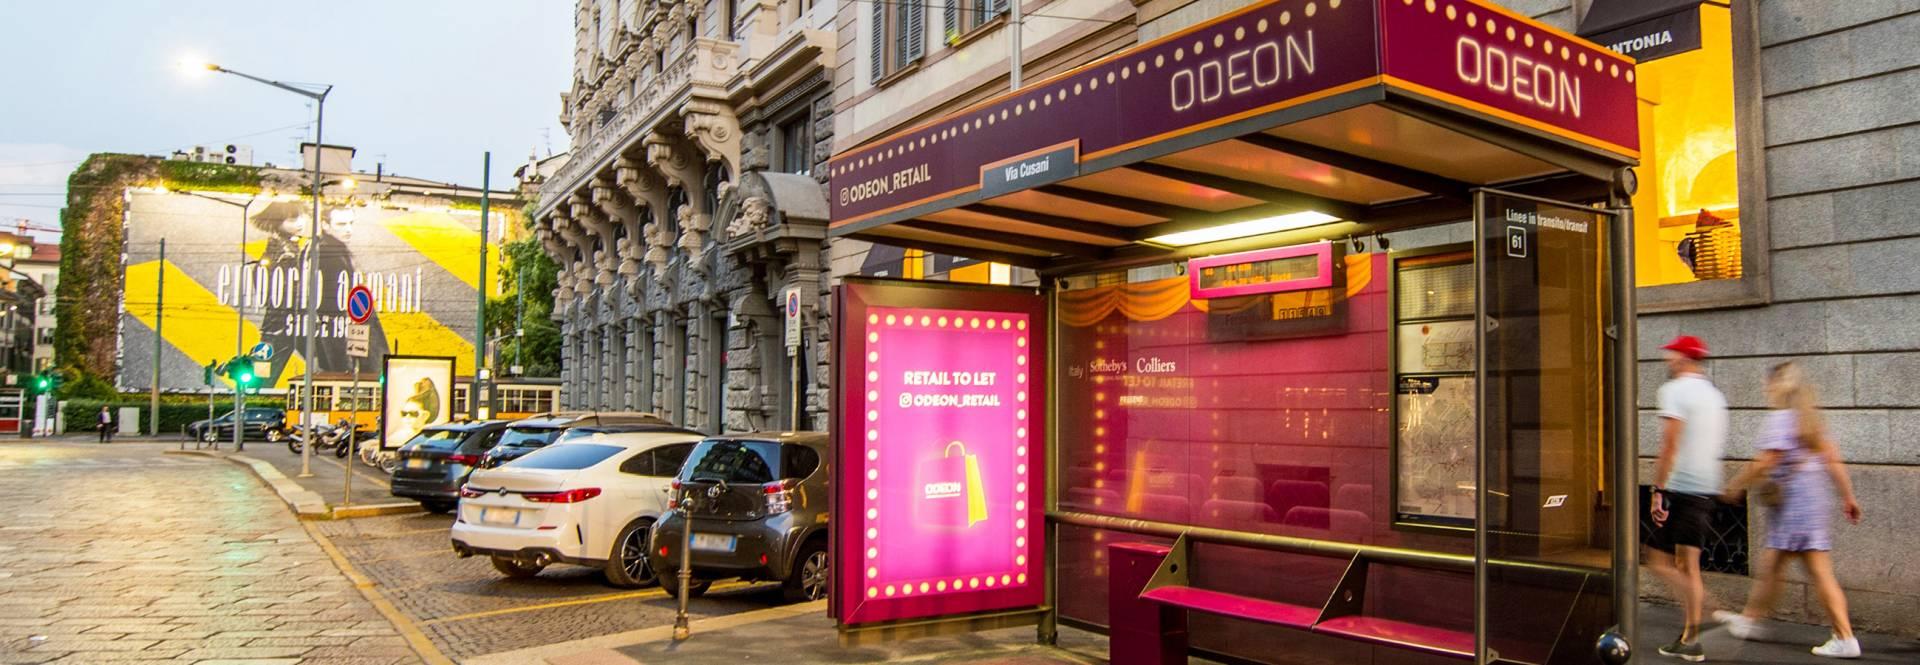 """Il Cinema Odeon diventa anche Retail e lo comunica OOH con una pensilina e un tram """"spettacolari"""""""